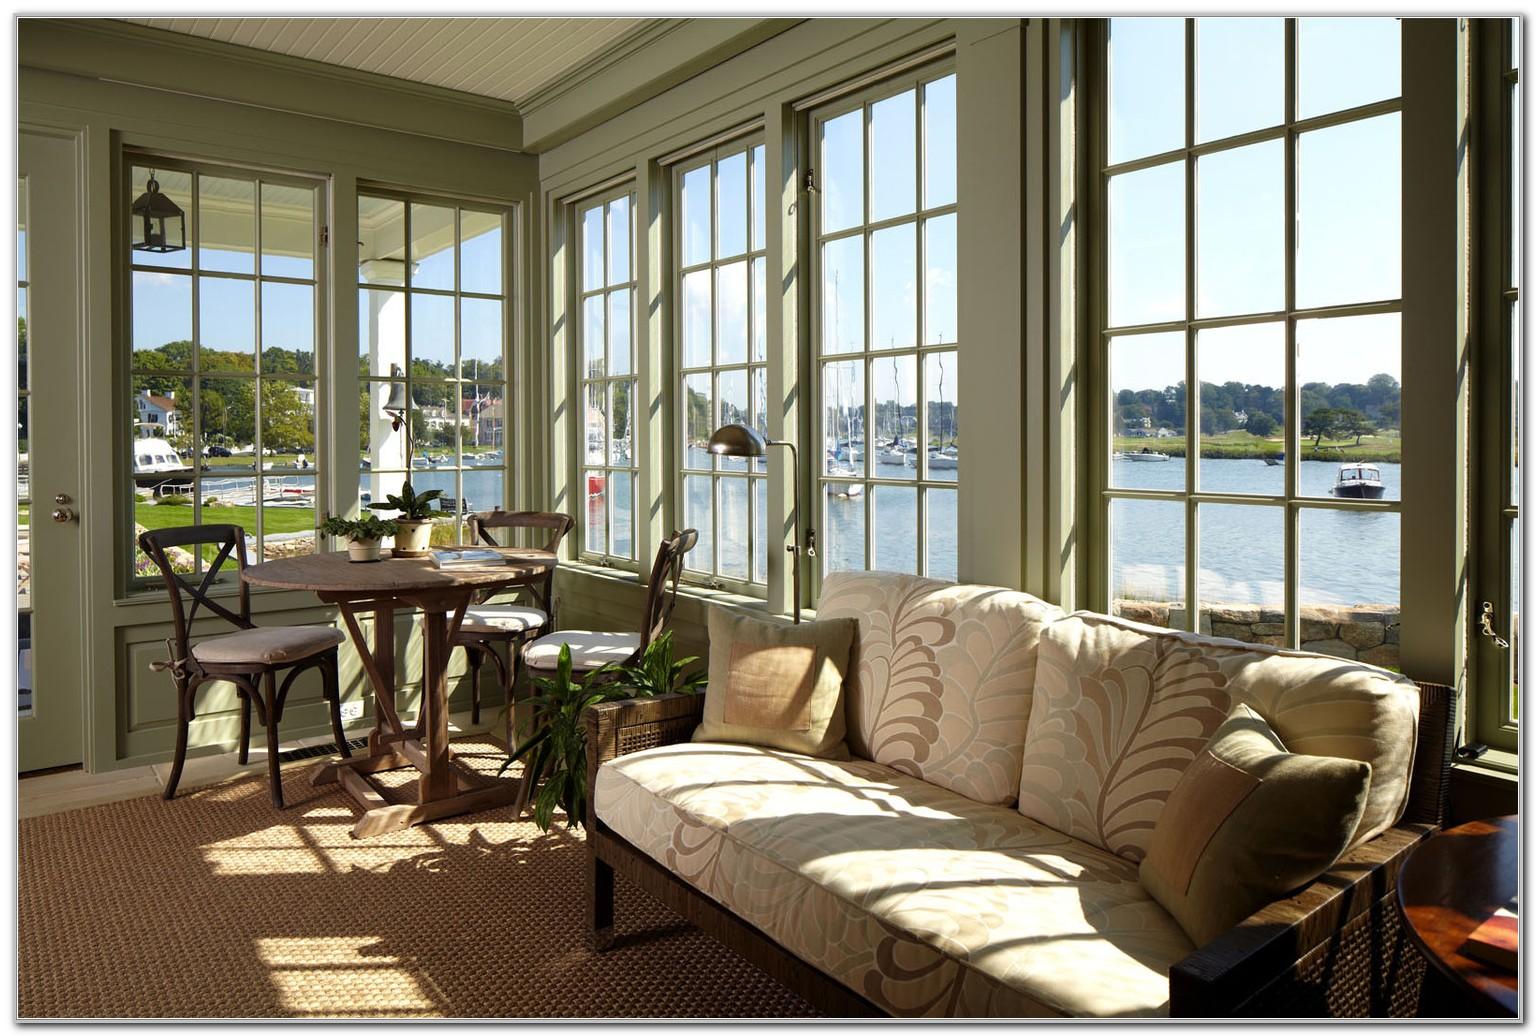 Sunroom Furniture Ideas Pictures